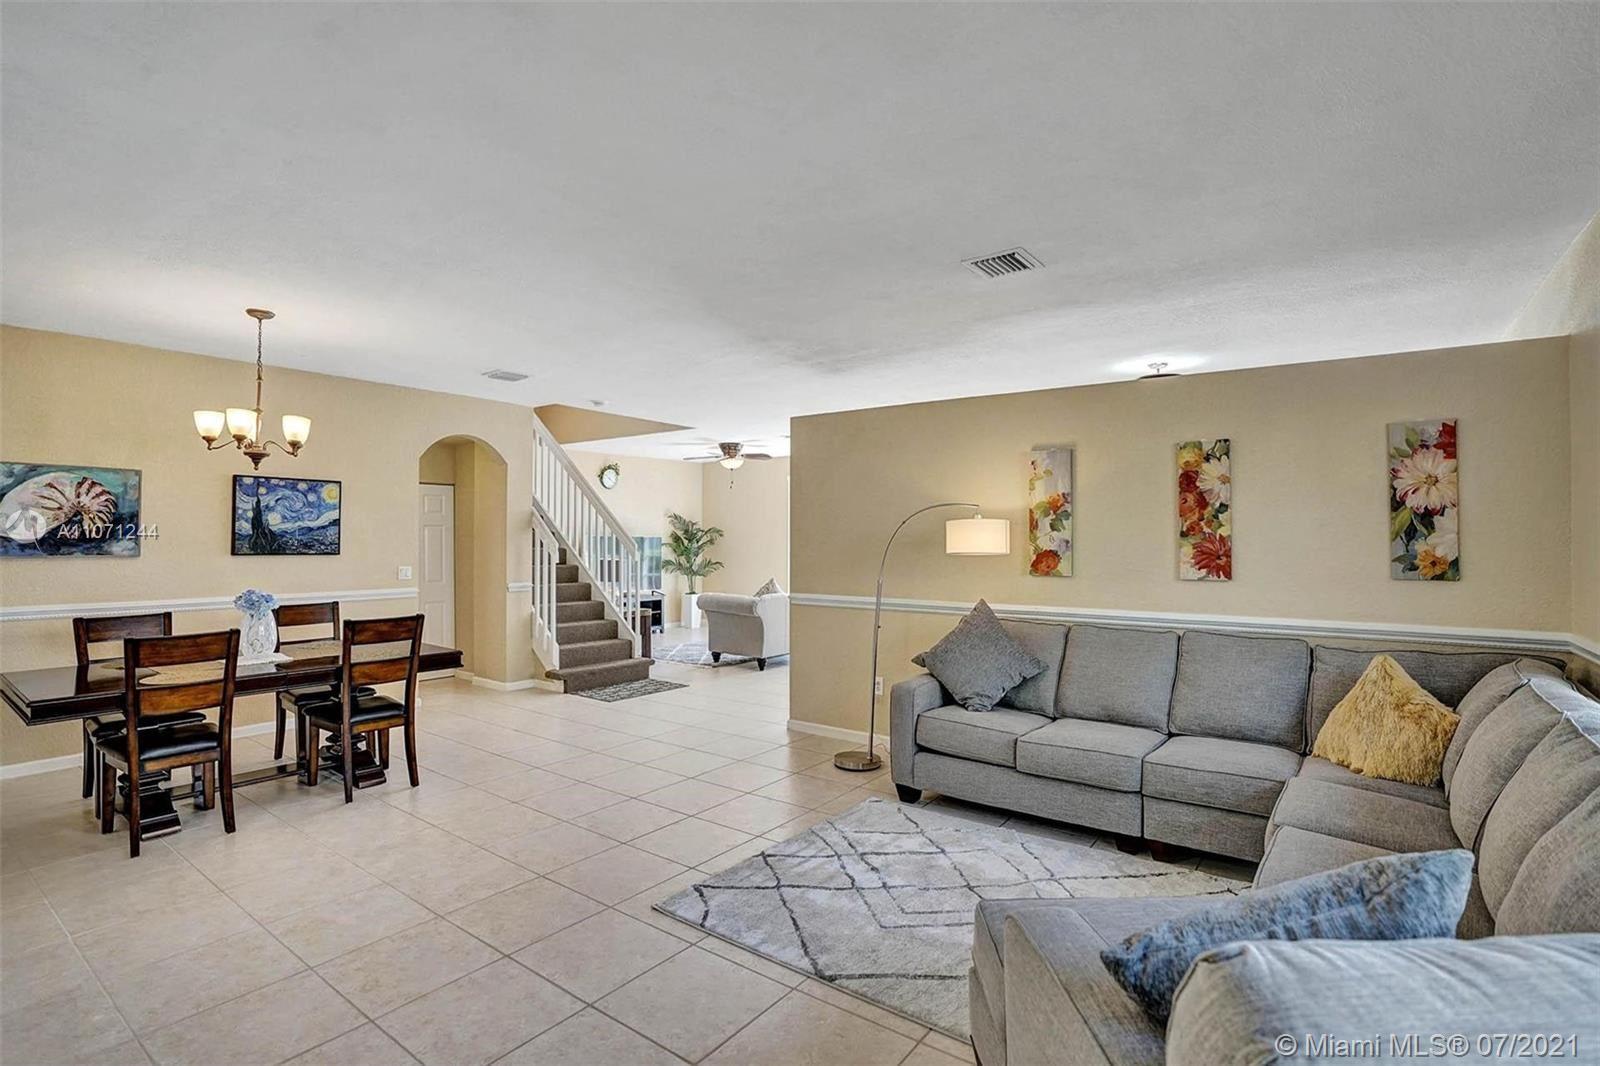 Photo of 16844 SW 49th Ct, Miramar, FL 33027 (MLS # A11071244)